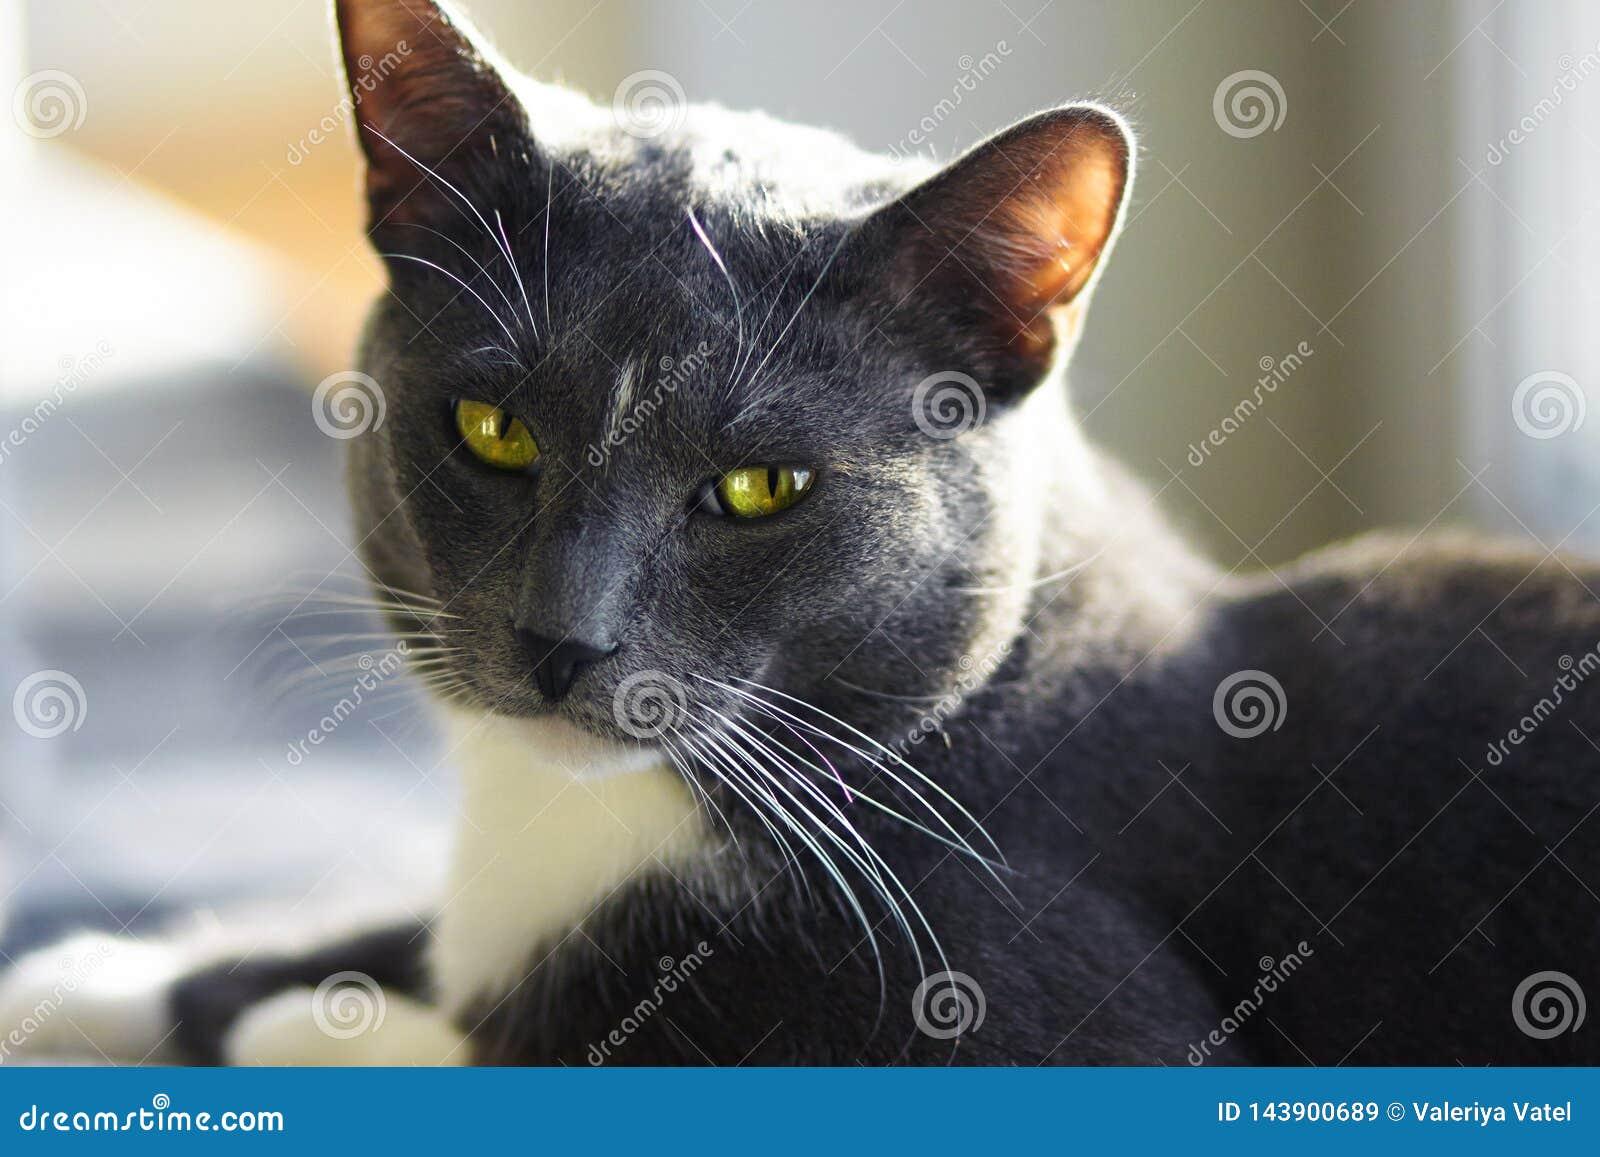 Sch?ne nicht reinrassige graue Katze mit gr?nen Augen